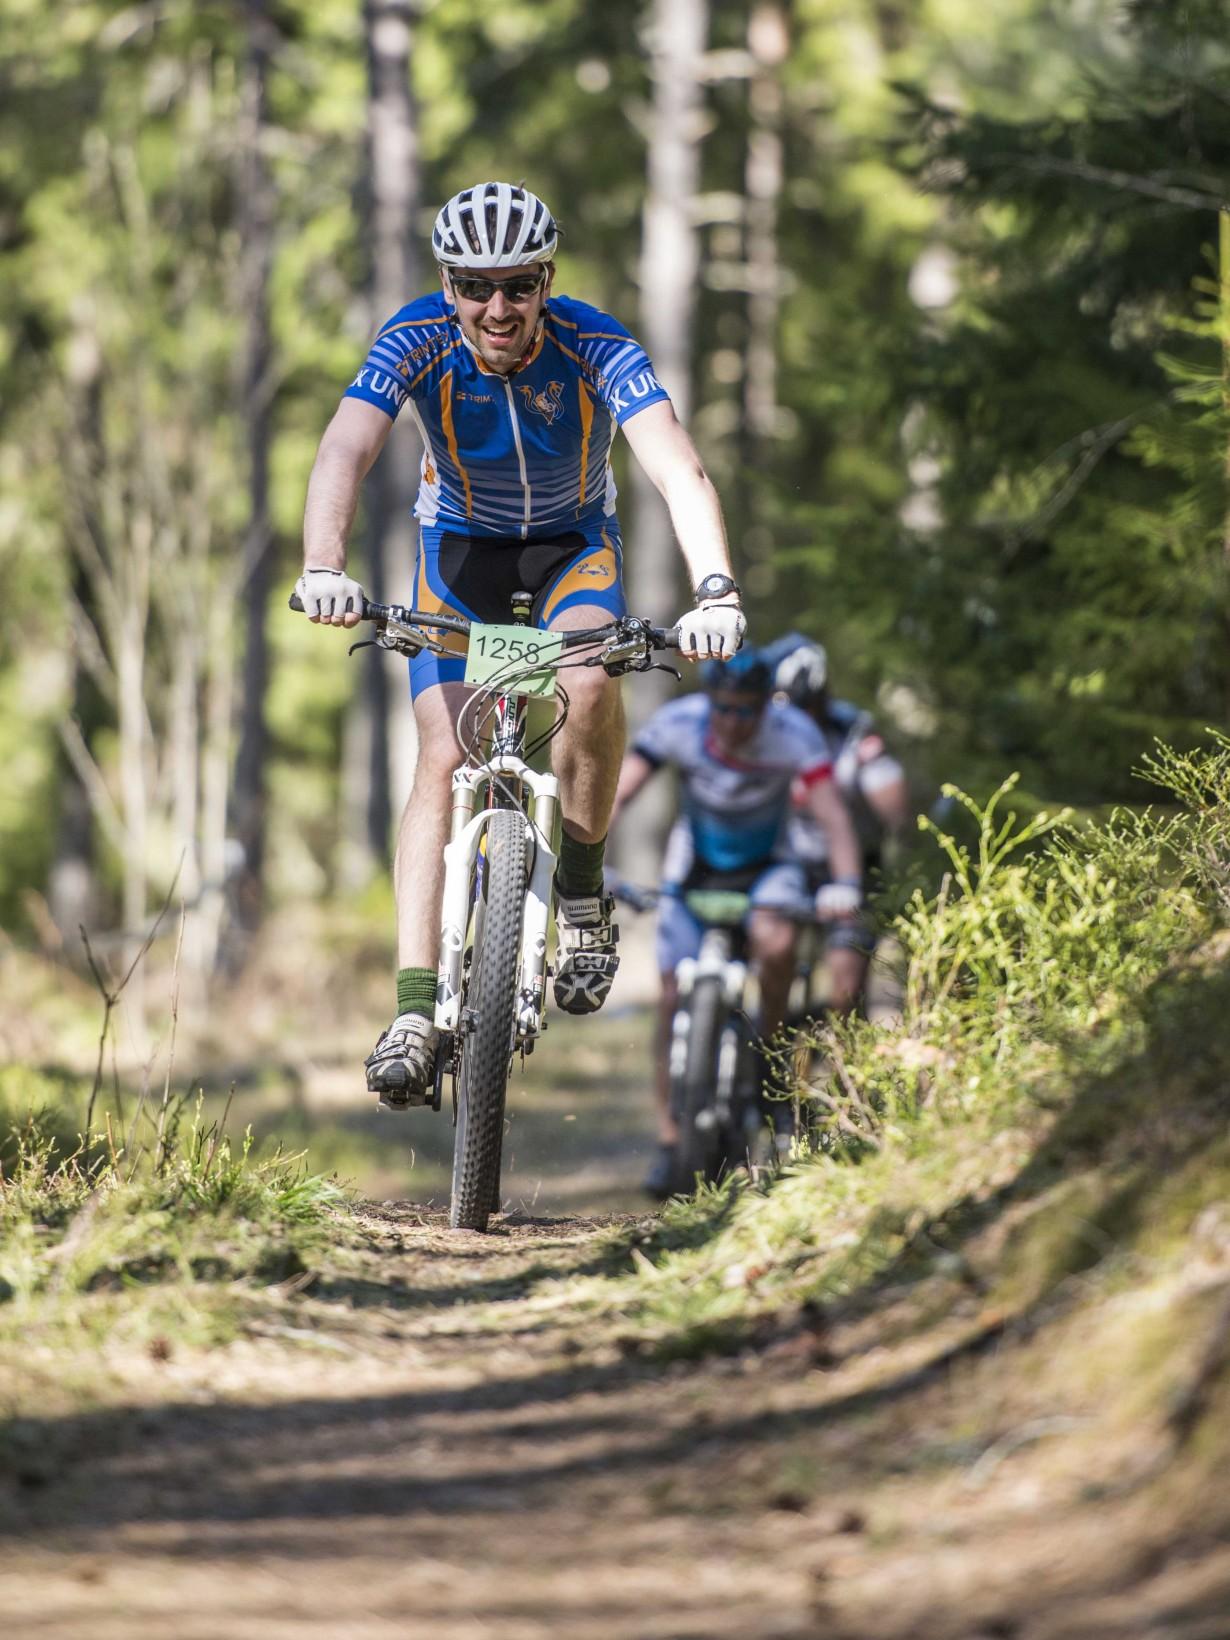 Jesper_Andersson_JAN_8486_www.jeppman.com